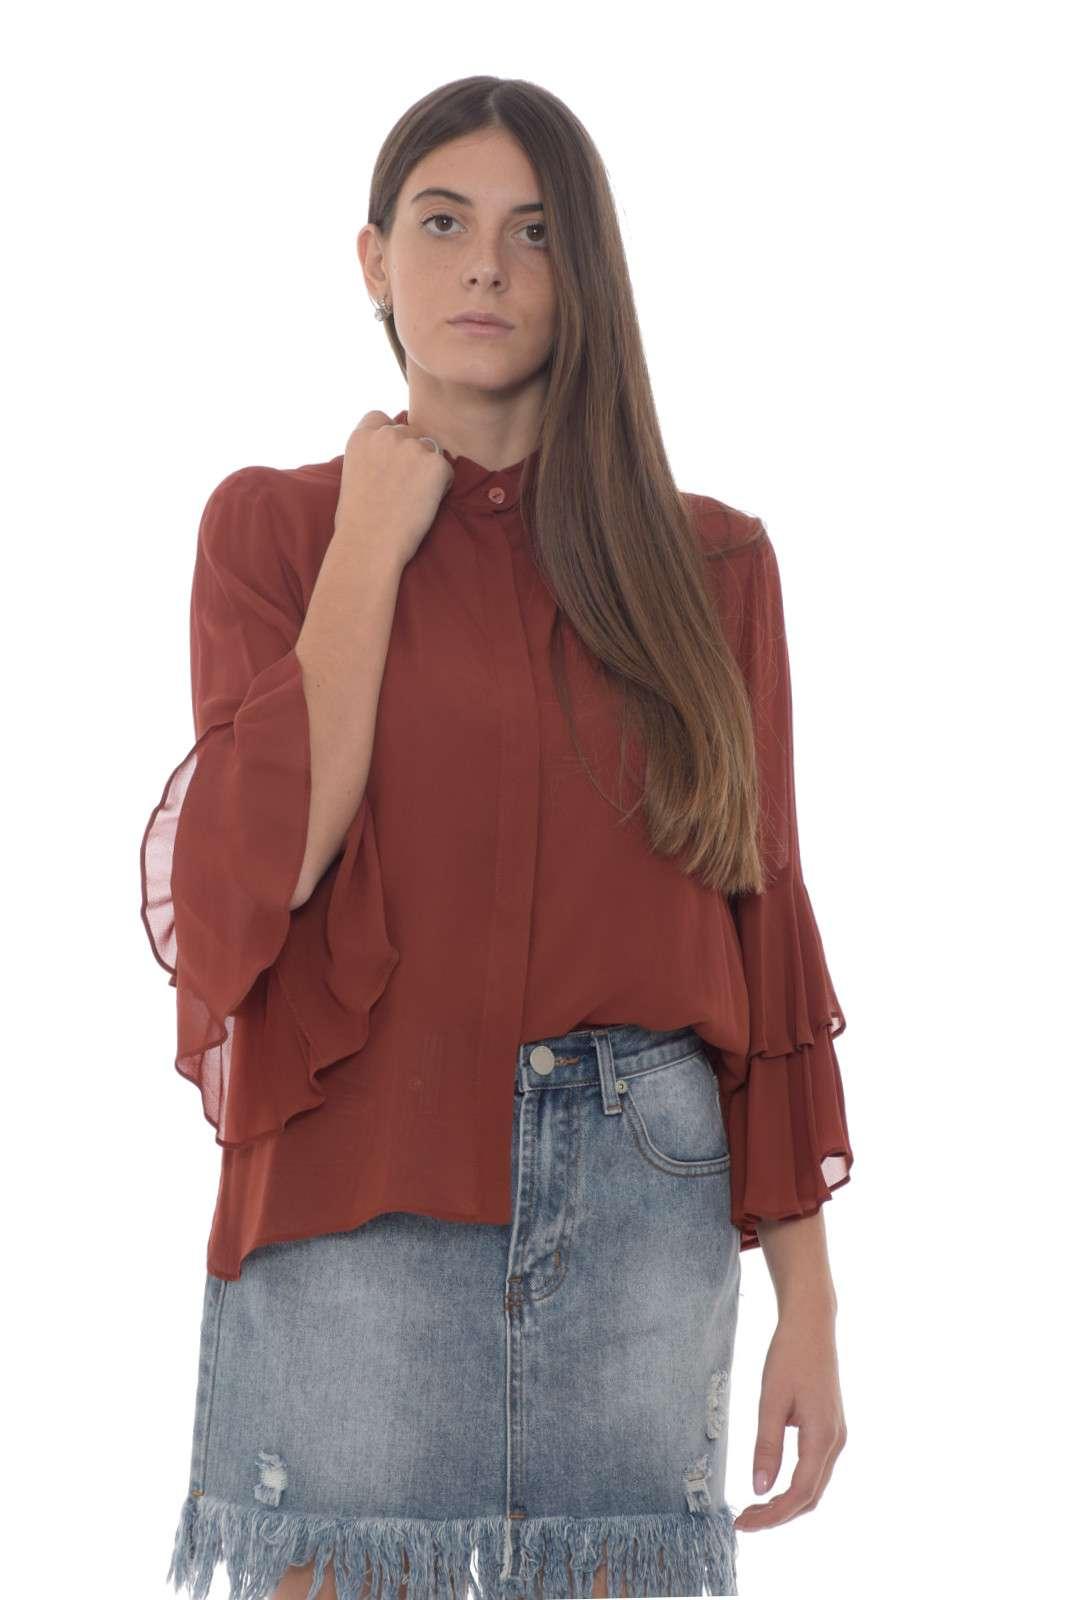 Una blusa firmata Twinset, che renderà i vostri outfit raffinati e femminili. Ideale da abbinare a pantaloni eleganti, e un tacco per regalare al vostro look un tocco speciale. Per la donna che non lascia nulla al caso. La modella è alta 1.77m e indossa la taglia 40.